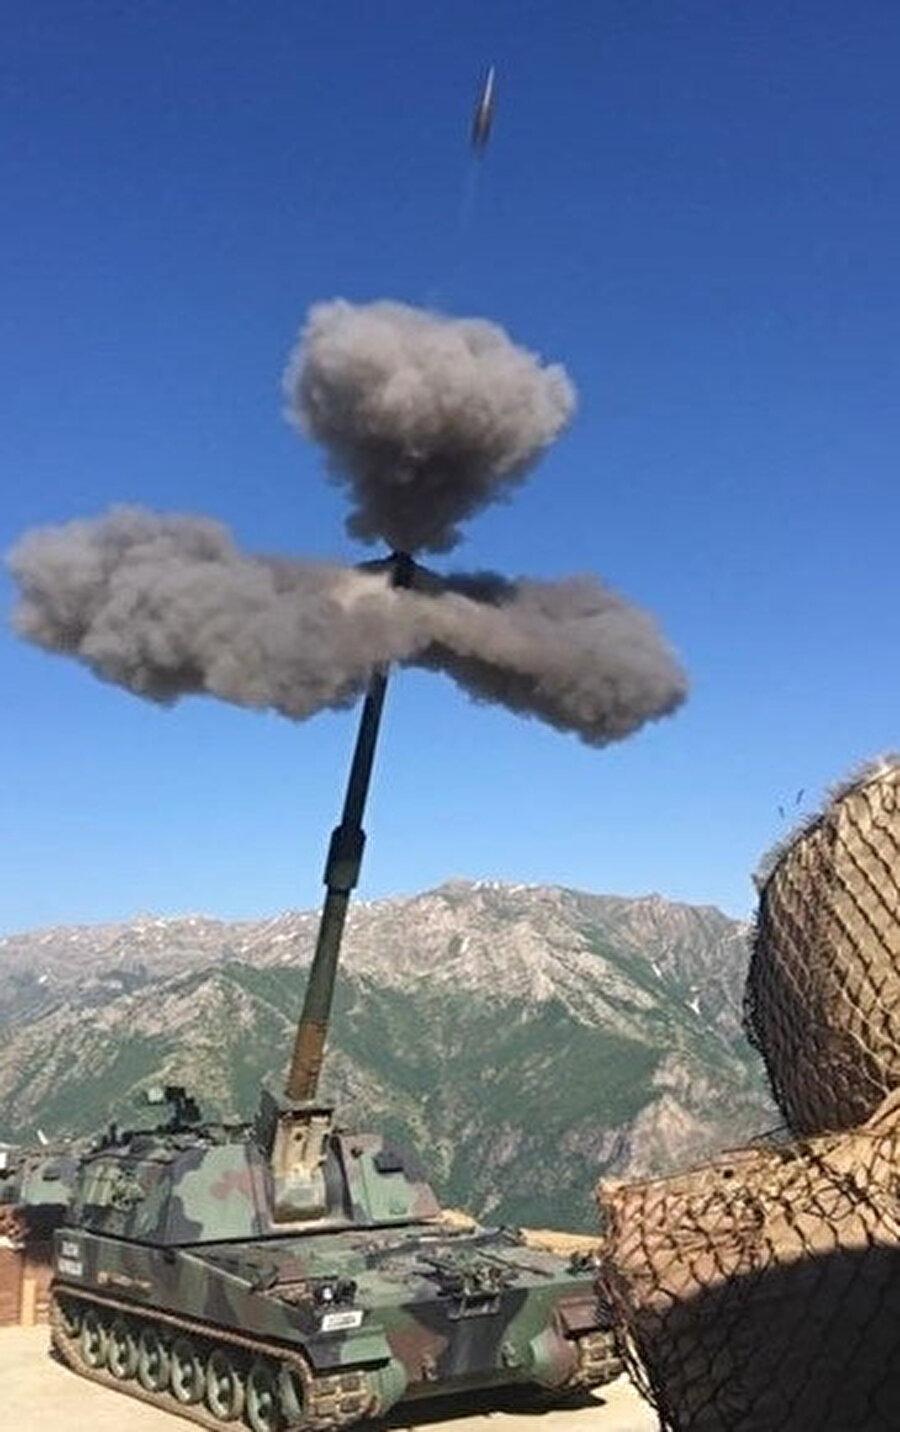 Hakurk vadisinde bulunan terör örgütü PKK hedeflerine karşı başlatılan Pençe Harekatı sürüyor.